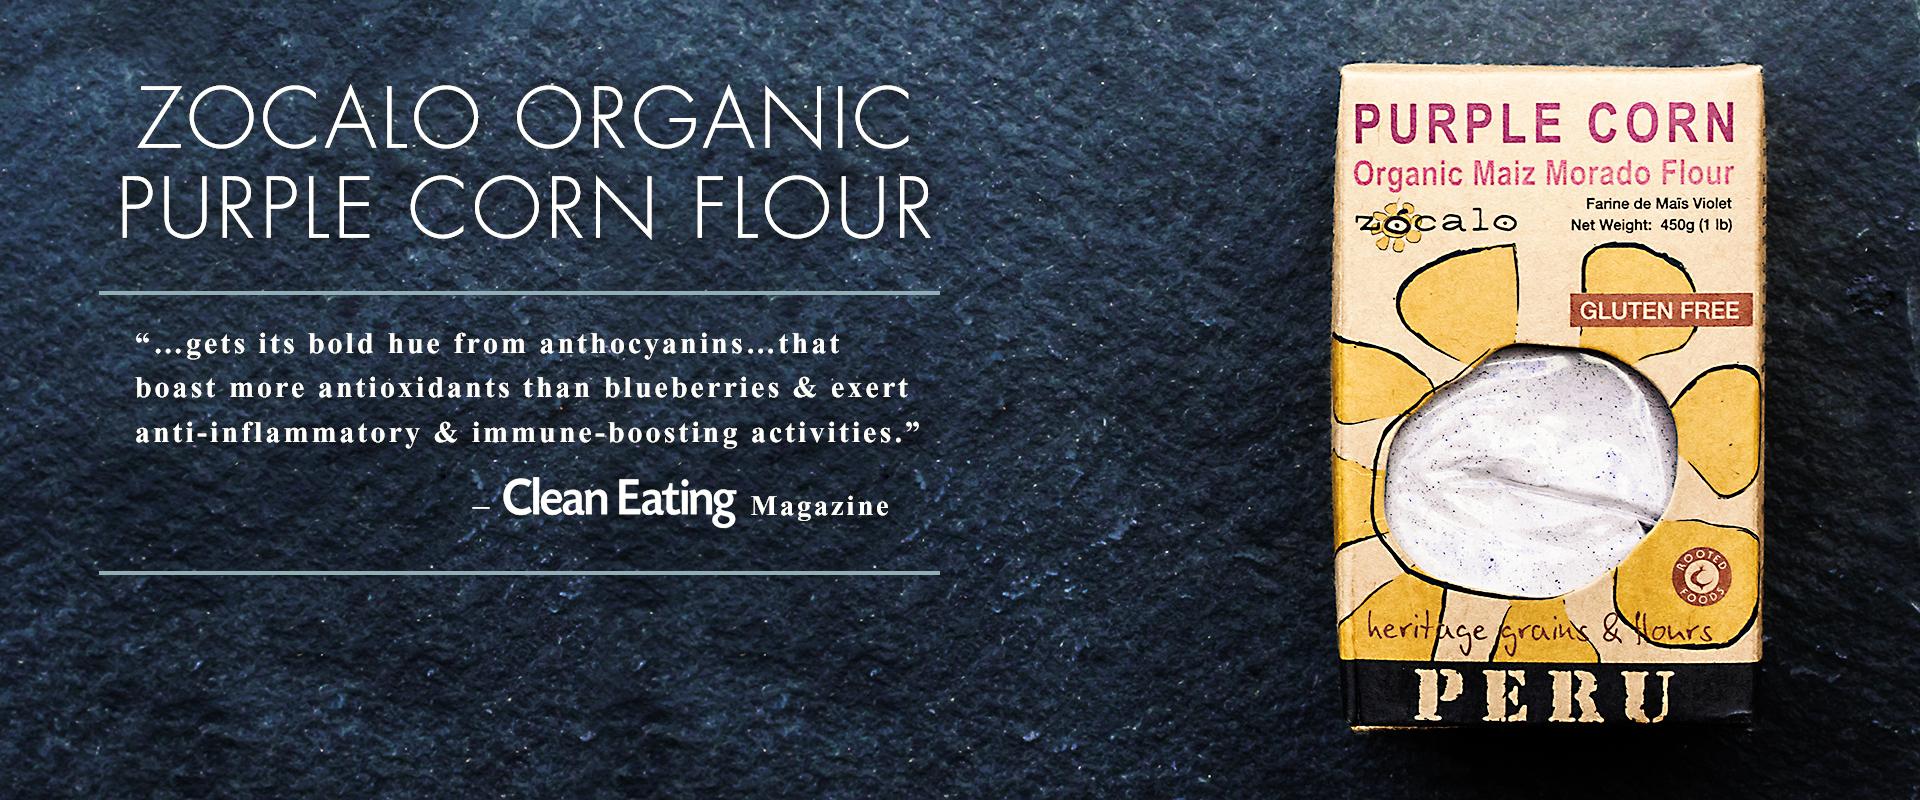 Purple Corn Flour